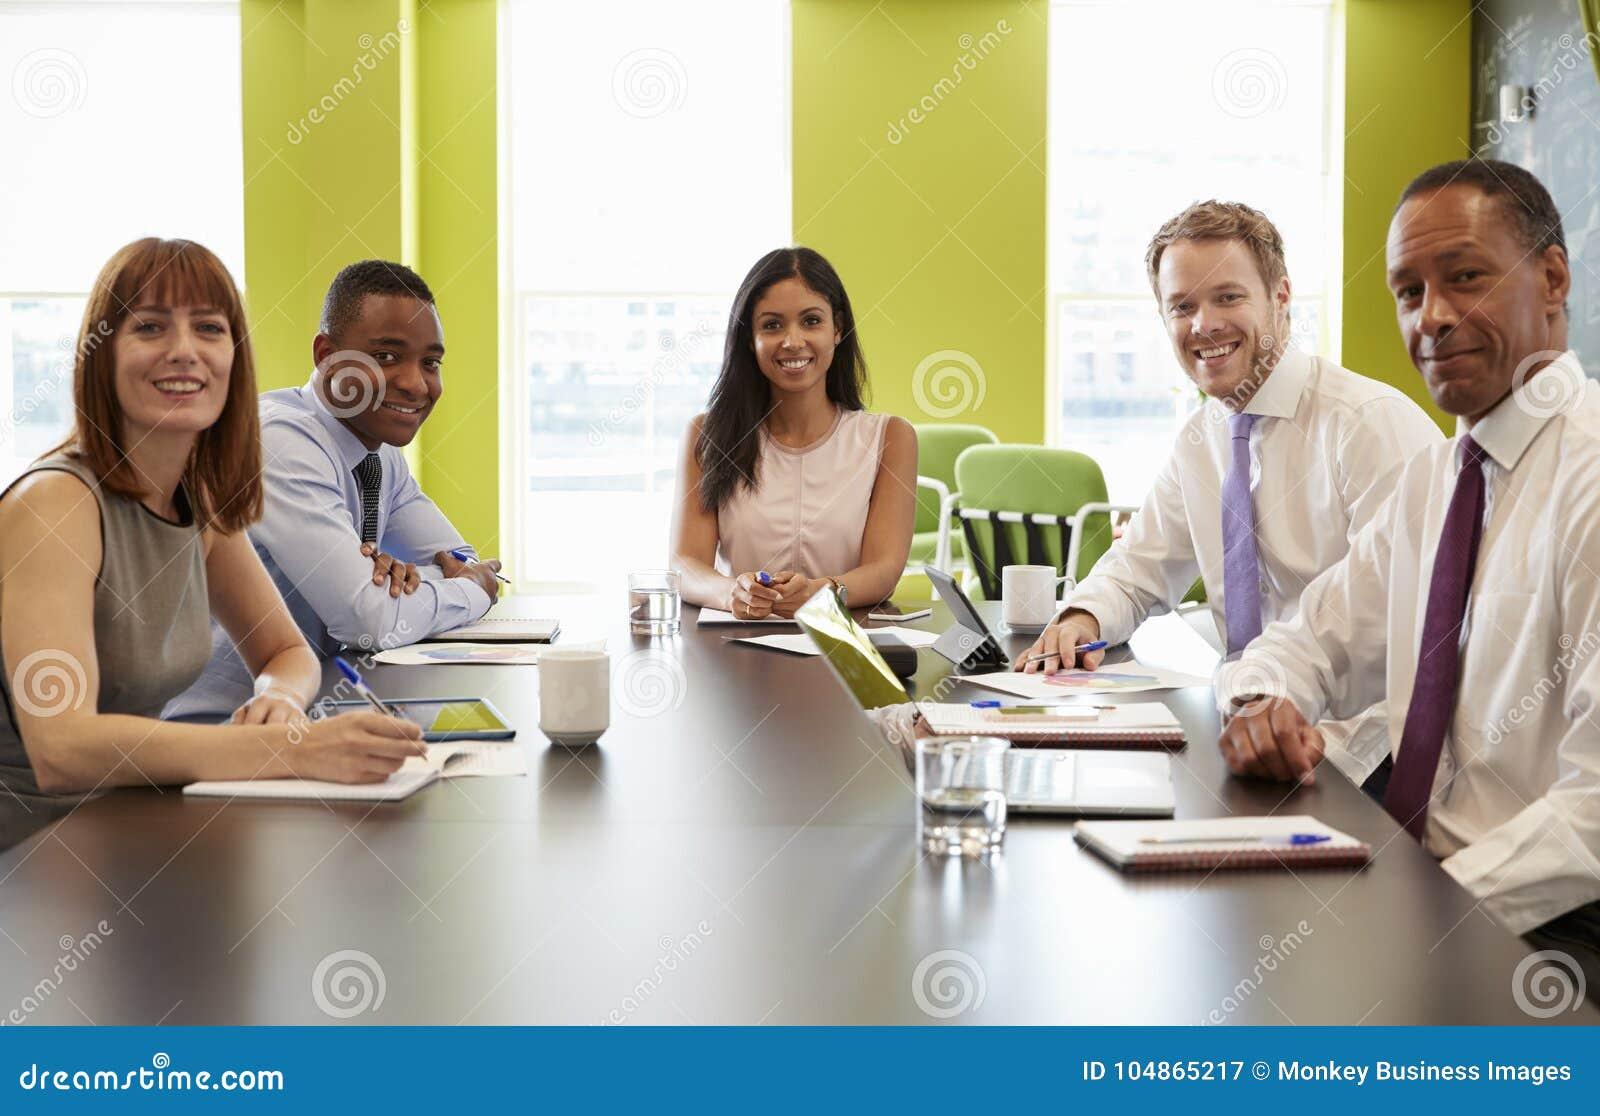 企业同事在一次非正式会议上看对照相机